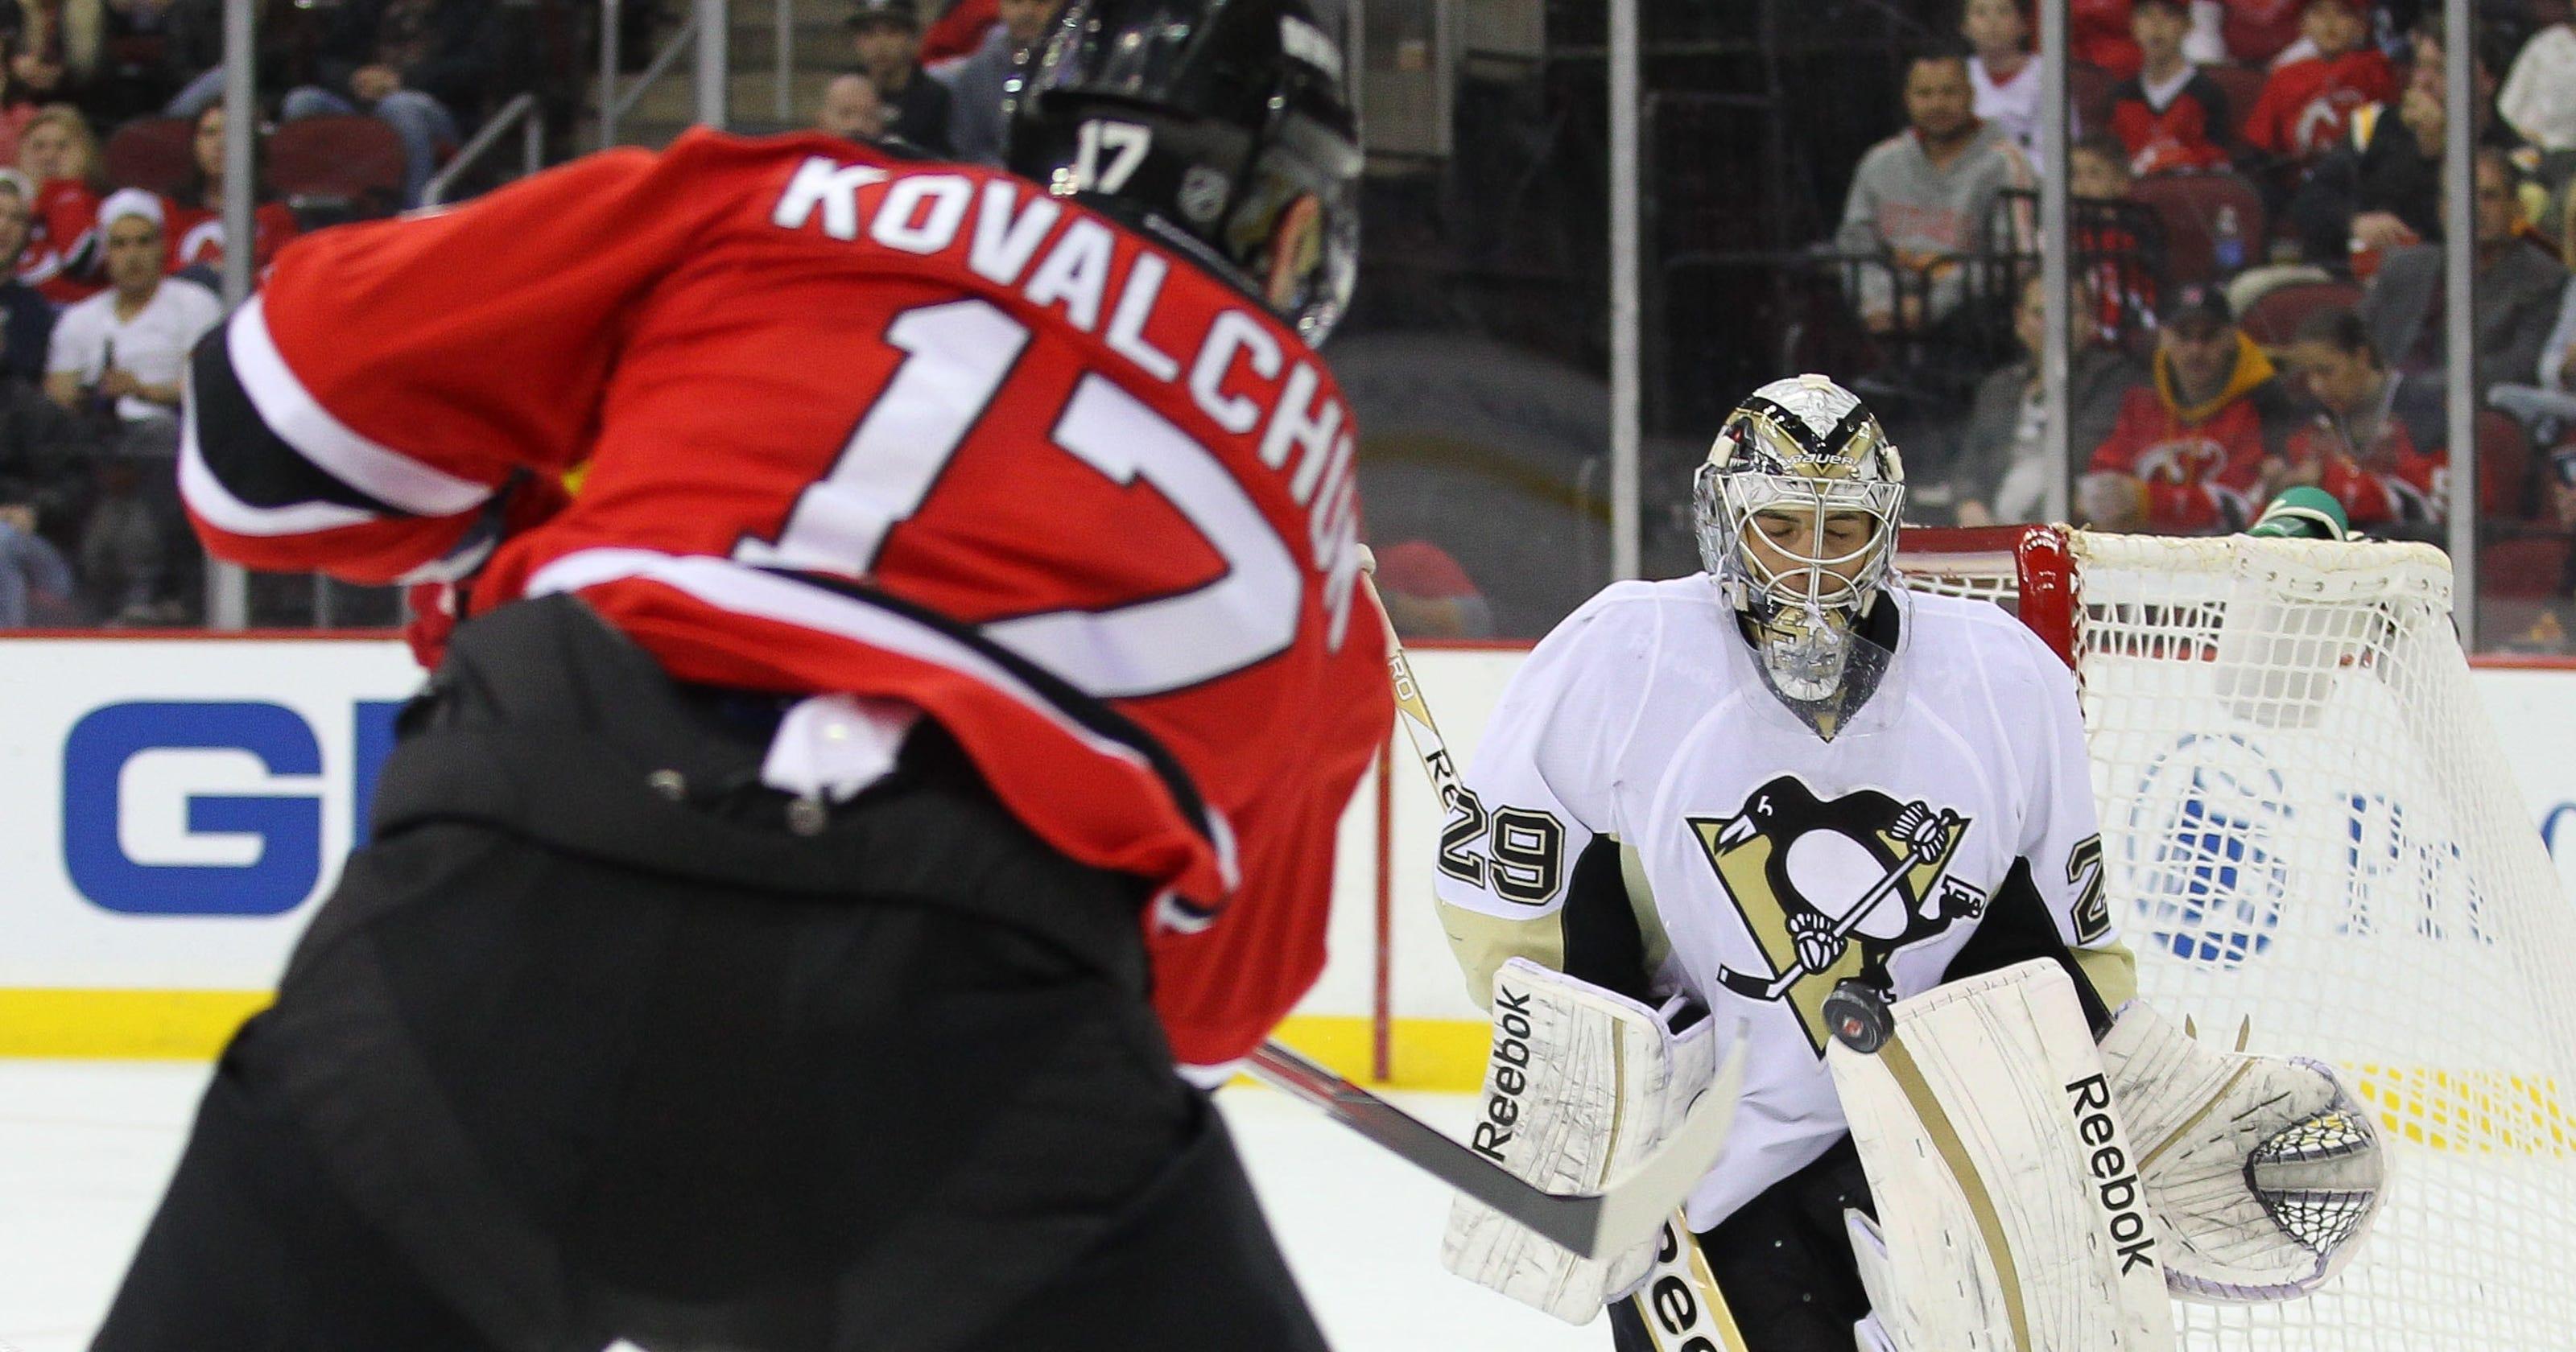 Kovalchuk s decision leaves Devils in a bind bcdbe1ba8